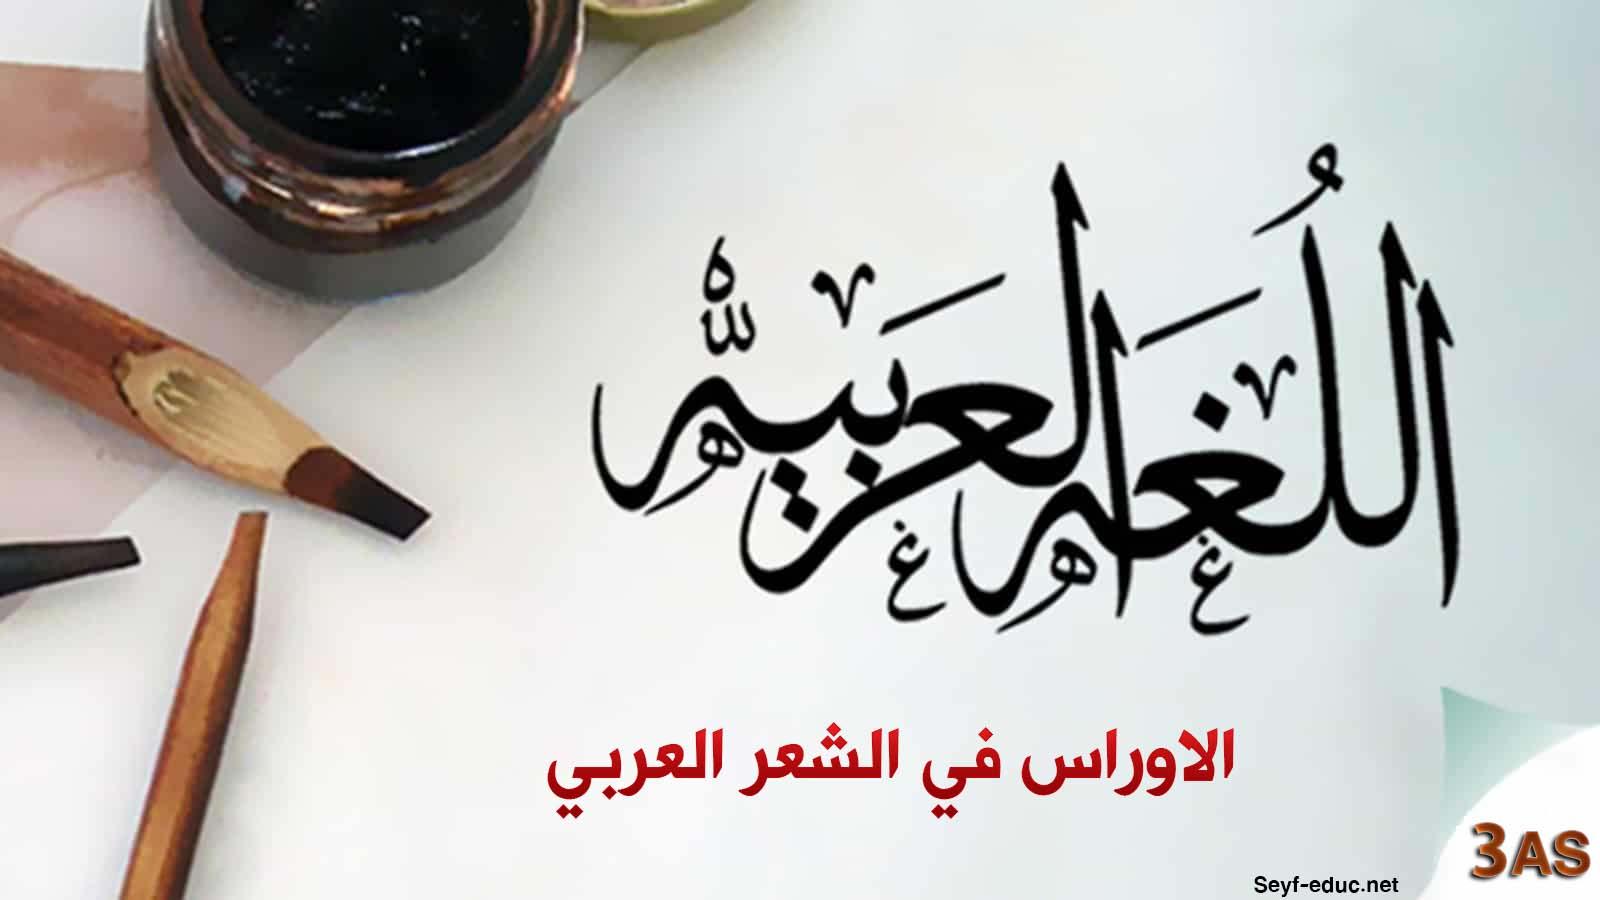 تحضير نص الاوراس في الشعر العربي للسنة الثالثة ثانوي اداب